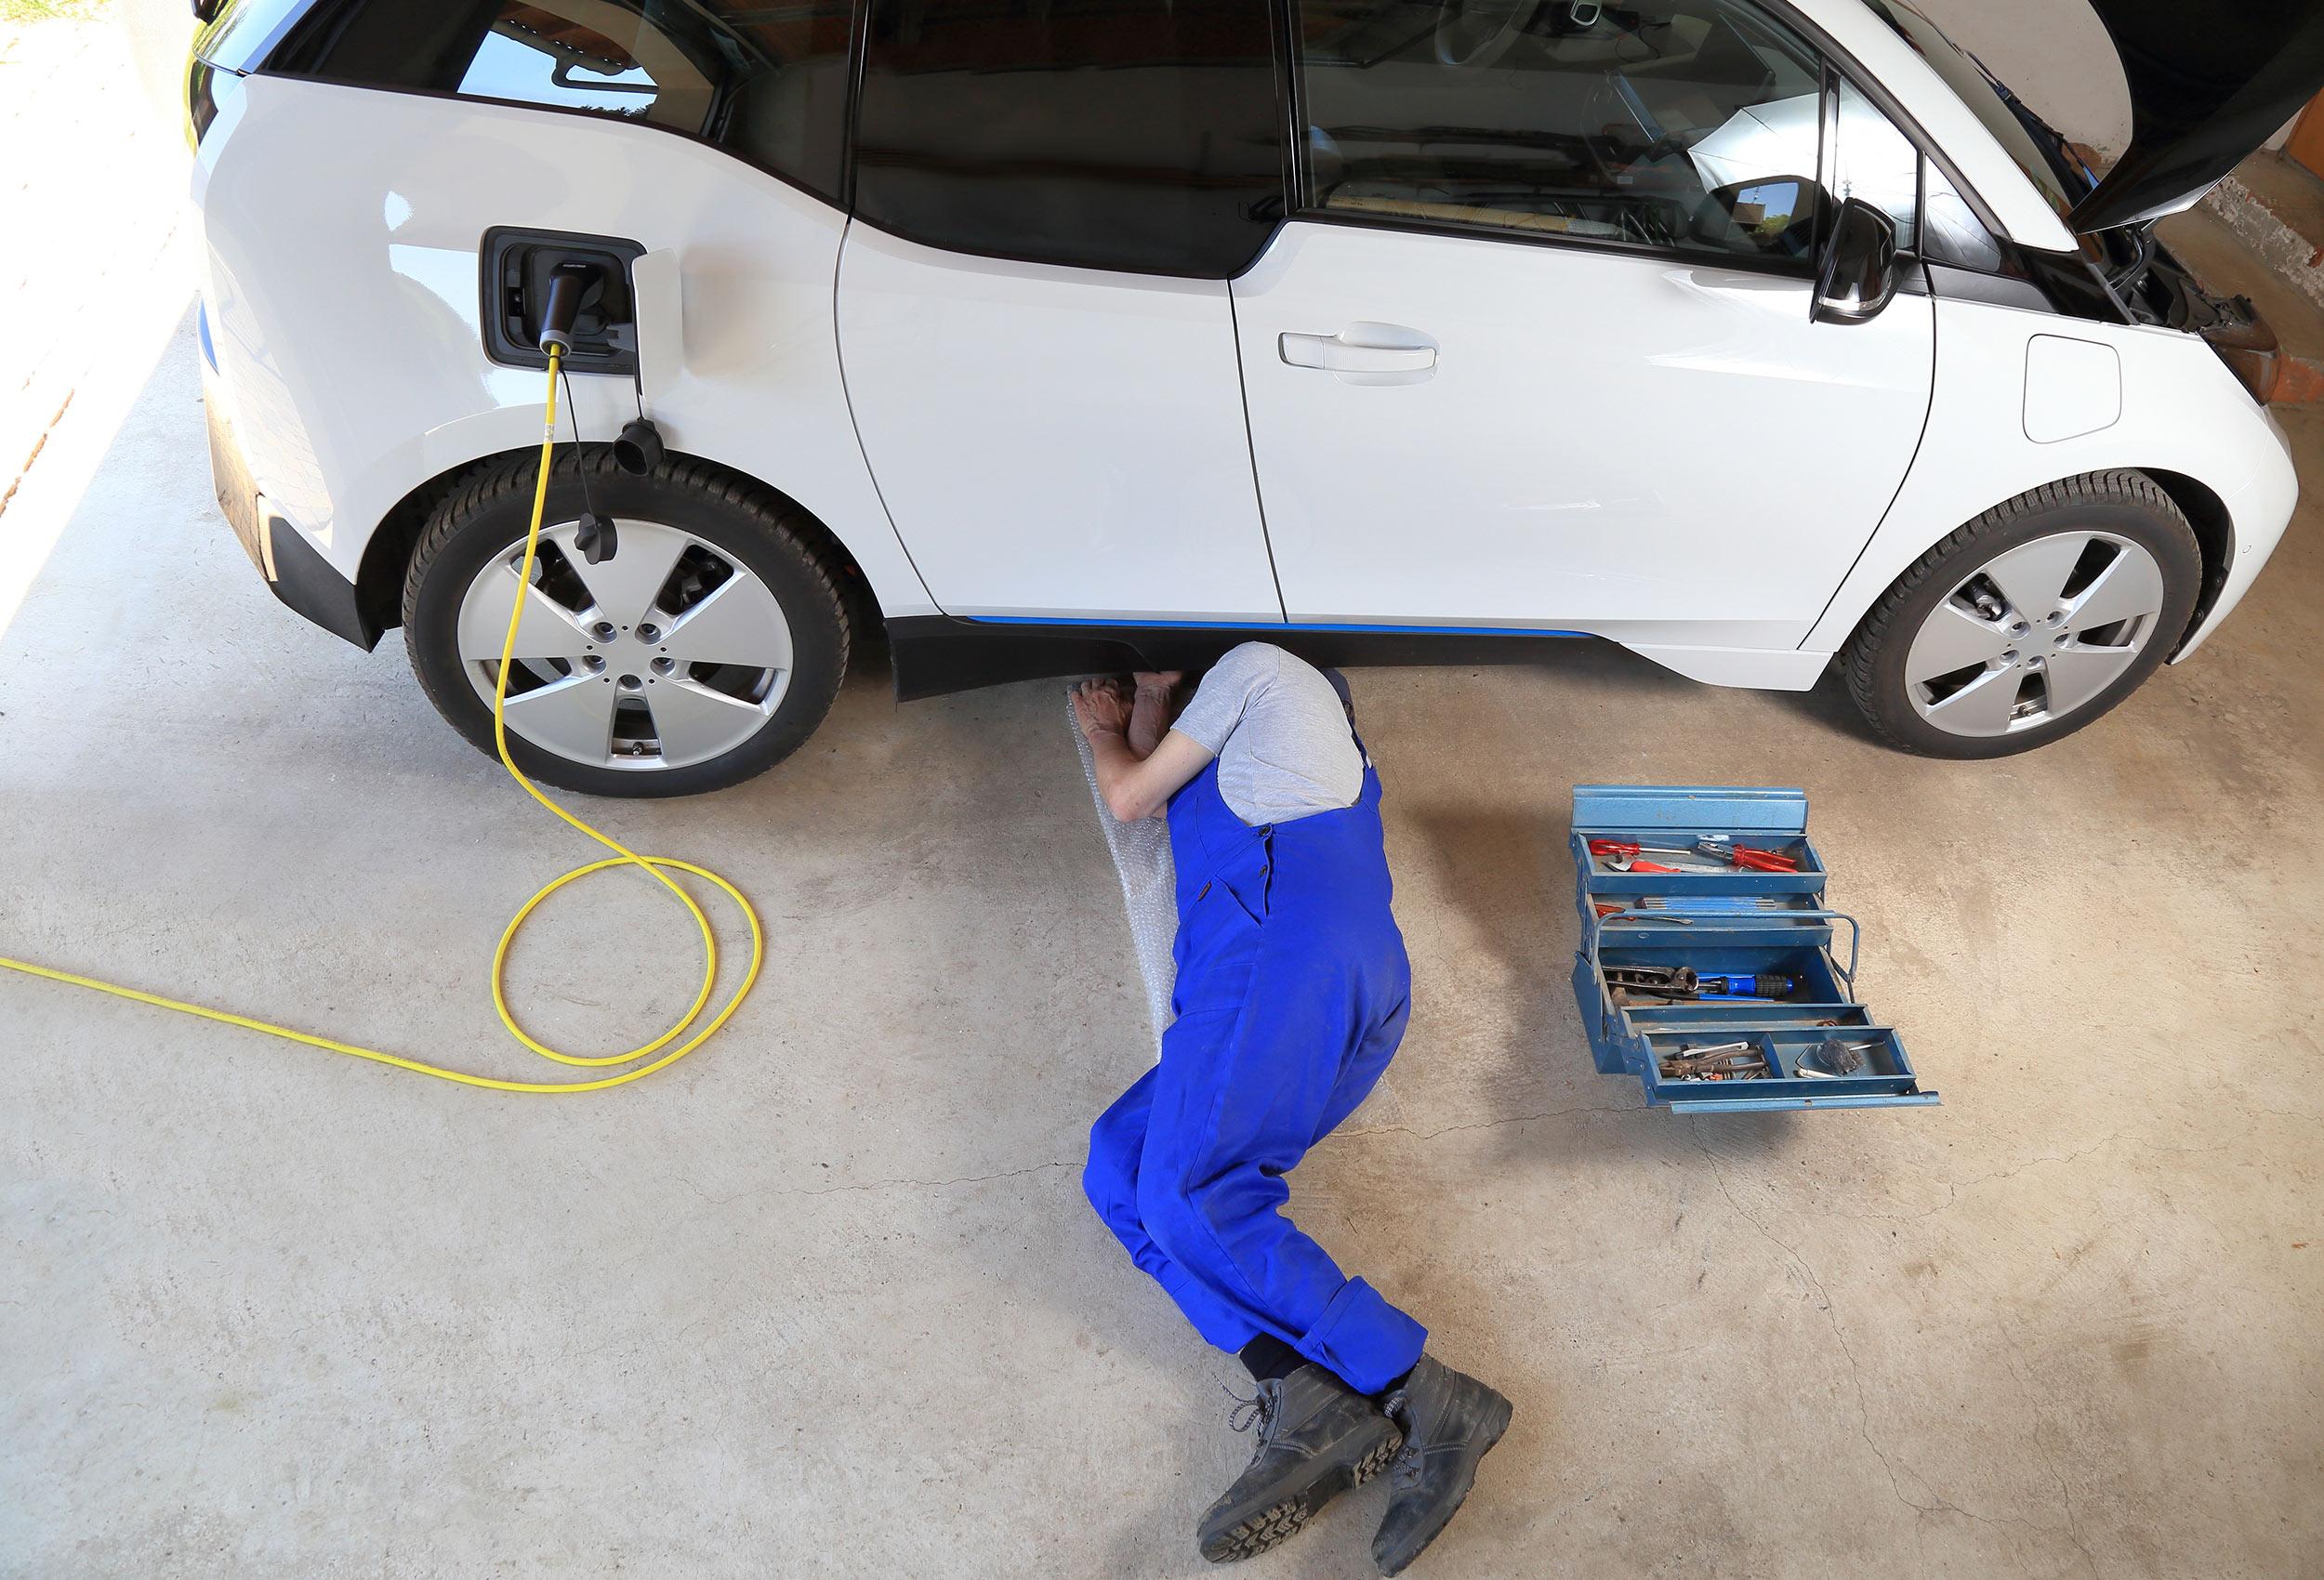 Sicheres Arbeiten an Fahrzeugen mit Hochvoltsystemen